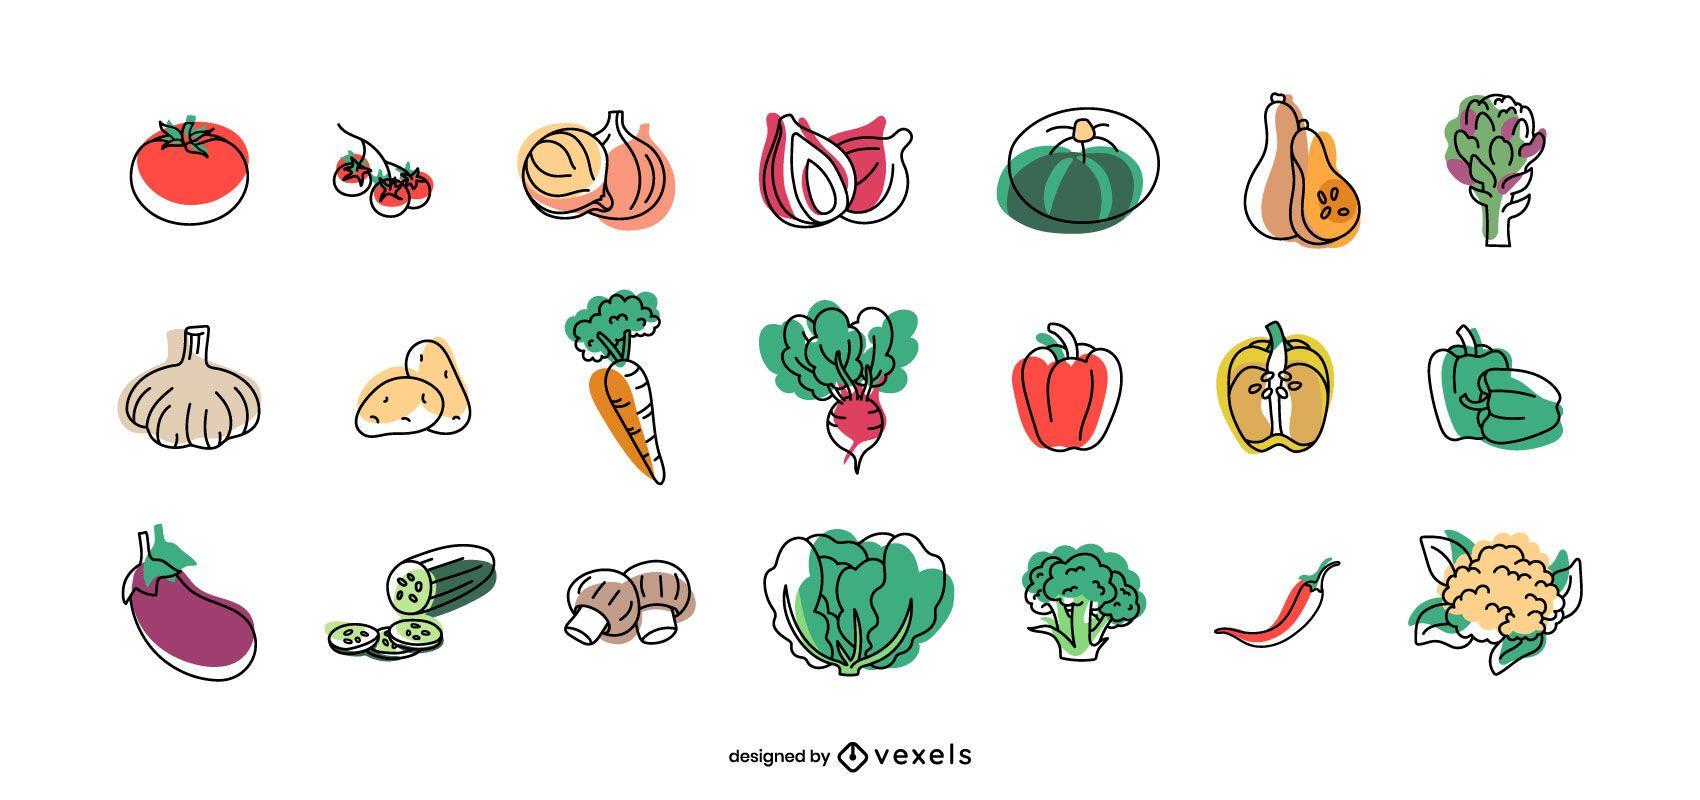 Fruits and vegetables set design